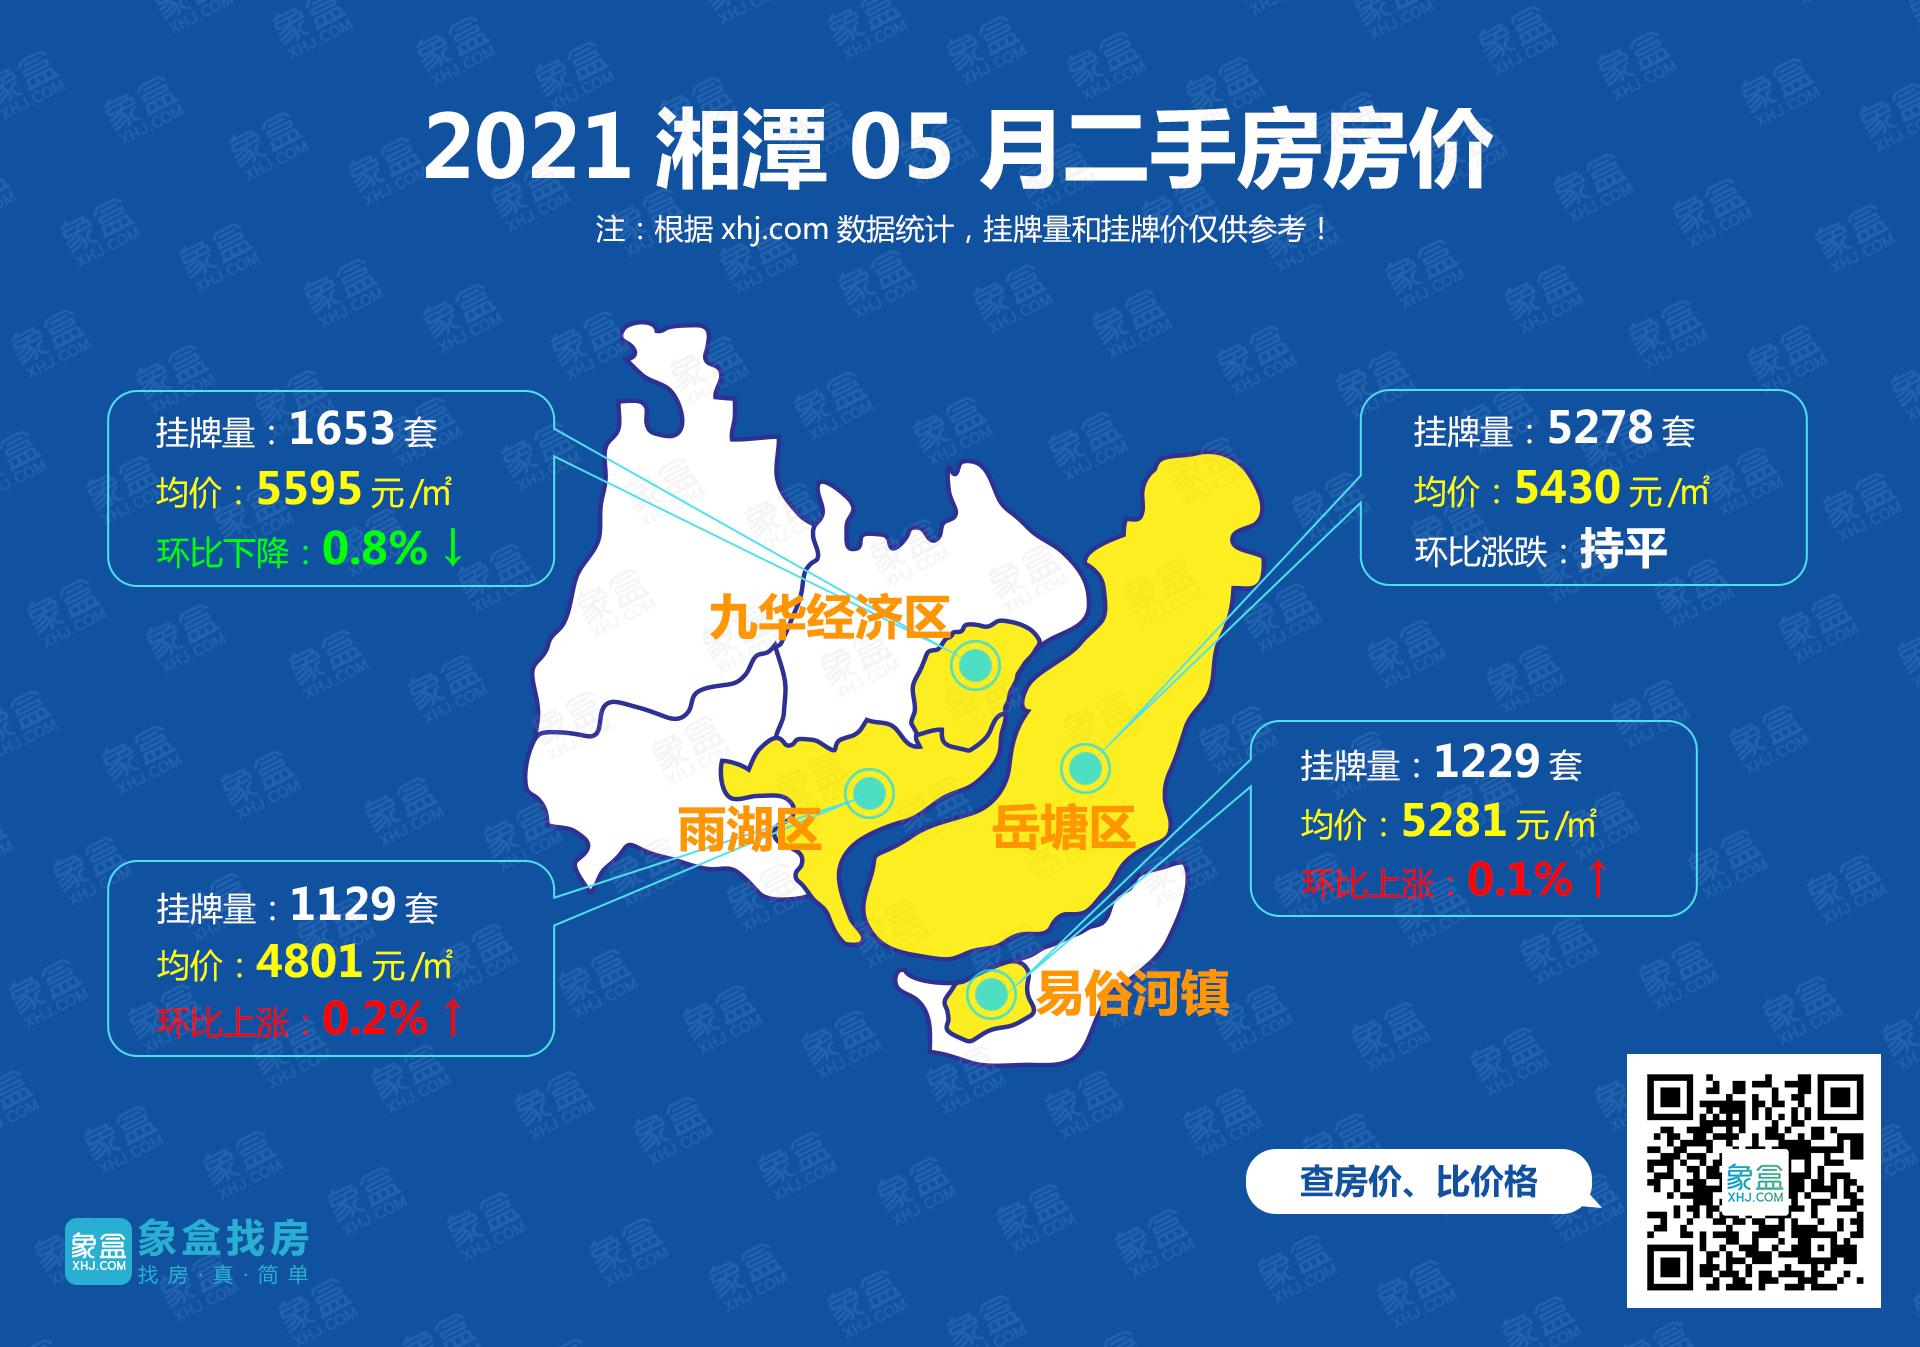 五月湘潭二手房价地图:涨跌对半发展,一区持平,整体市场维稳向好